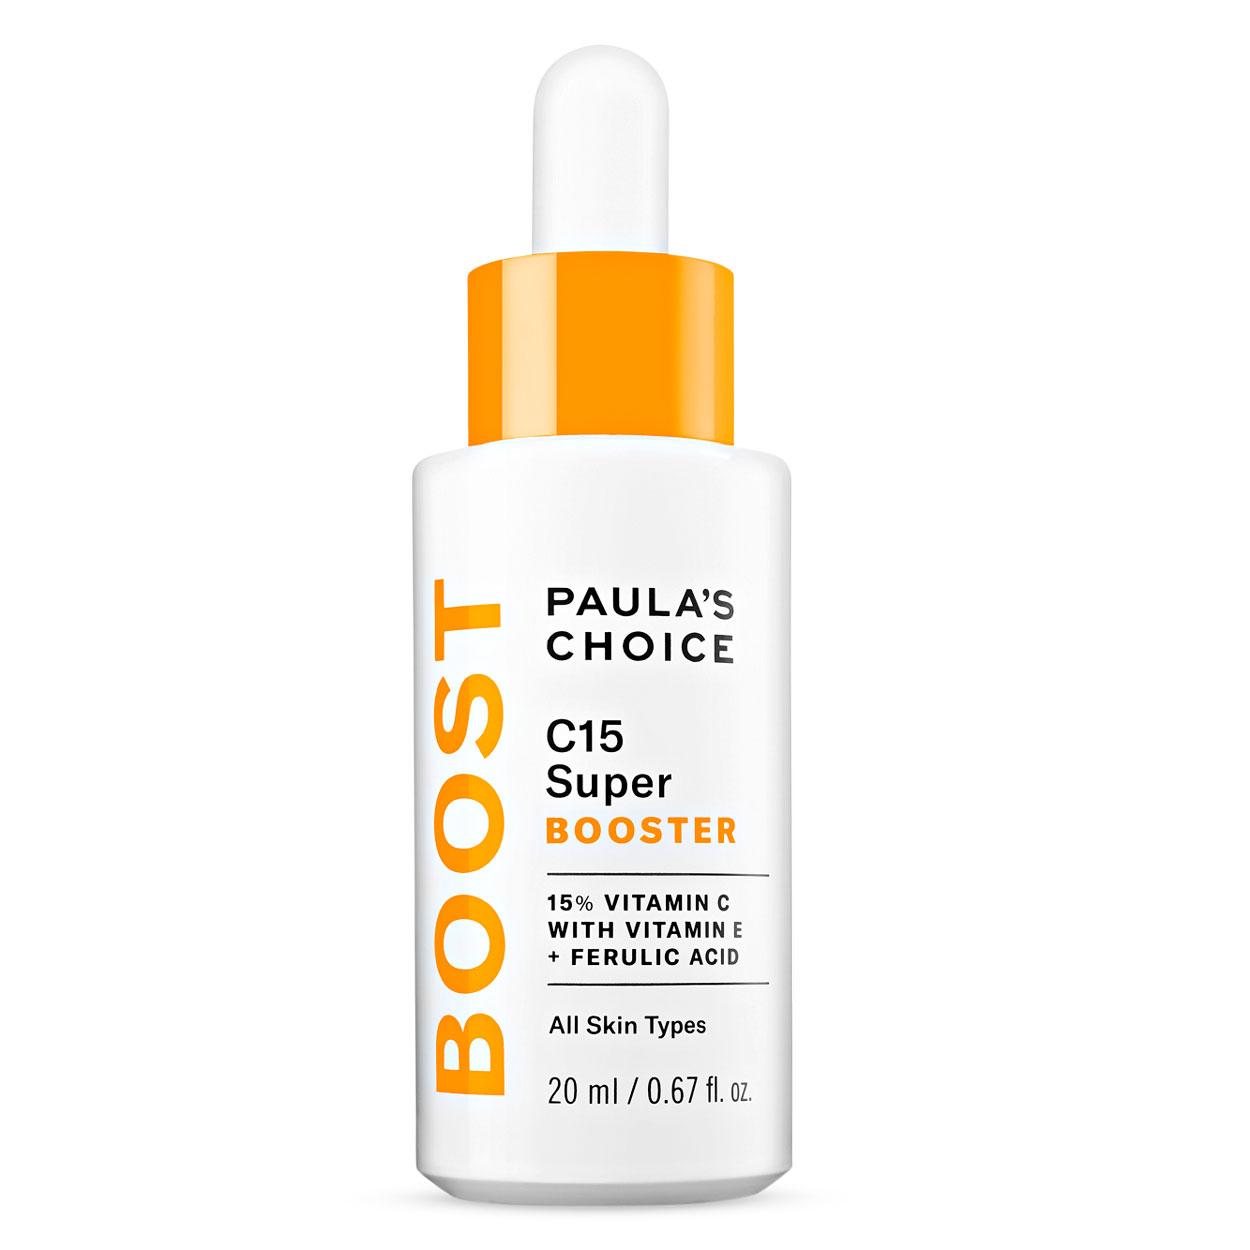 Paula's Choice Vitamin C serum